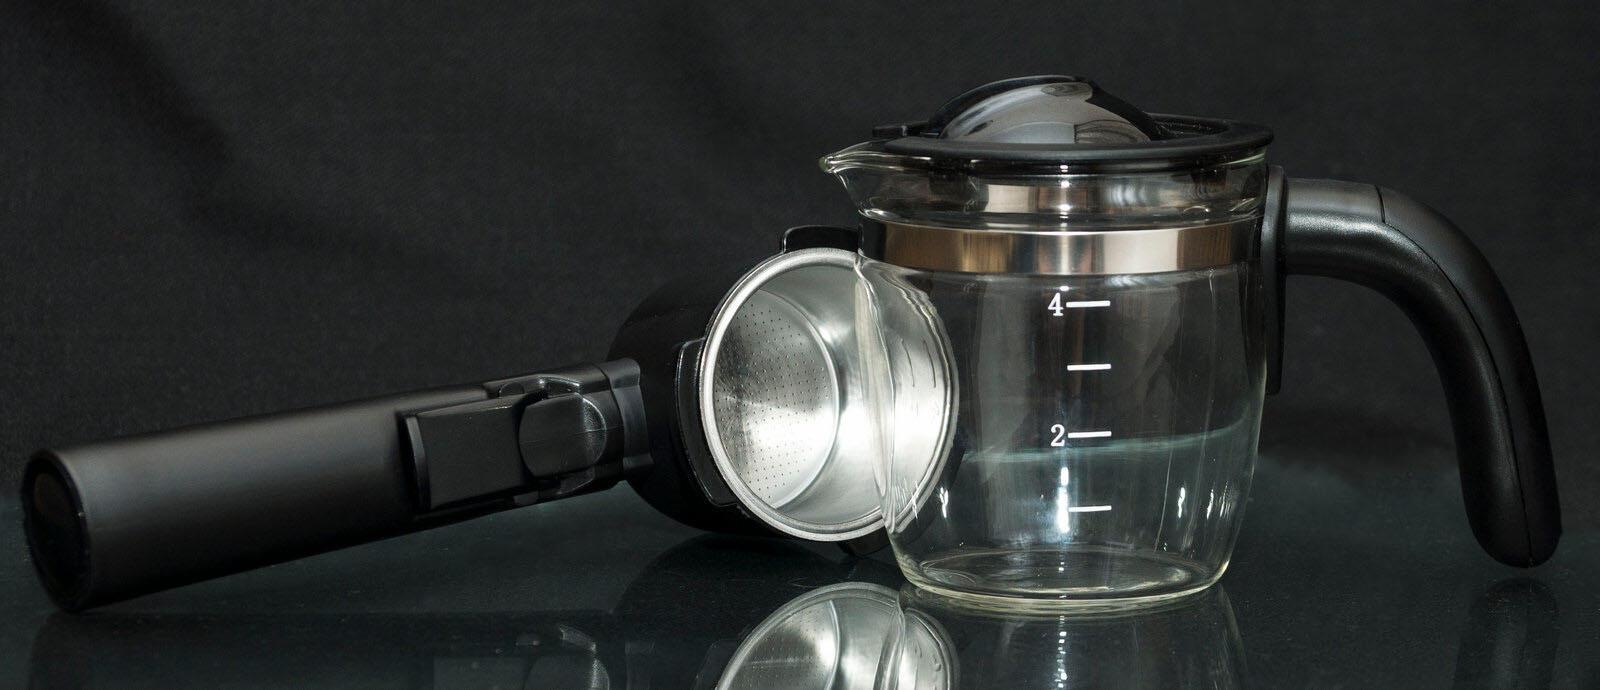 Bytovaya Tehnika - Obzor kofevarki rozhkovoy DEXP EM-801